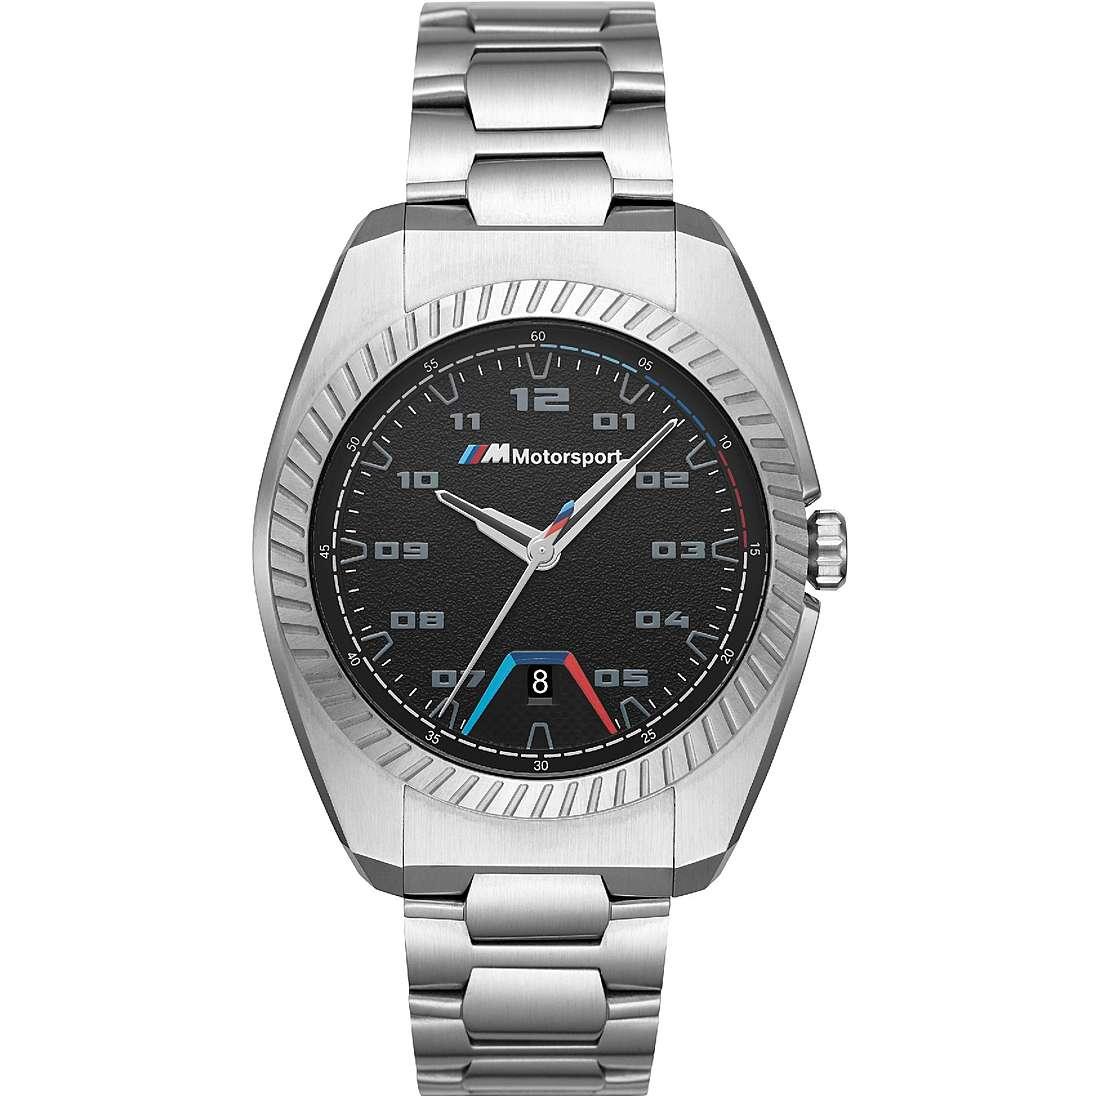 BMW BMW3000 C Uomo 42mm Acciaio/Silver Acciaio Nero Silver Quarzo/Solo Tempo 5ATM